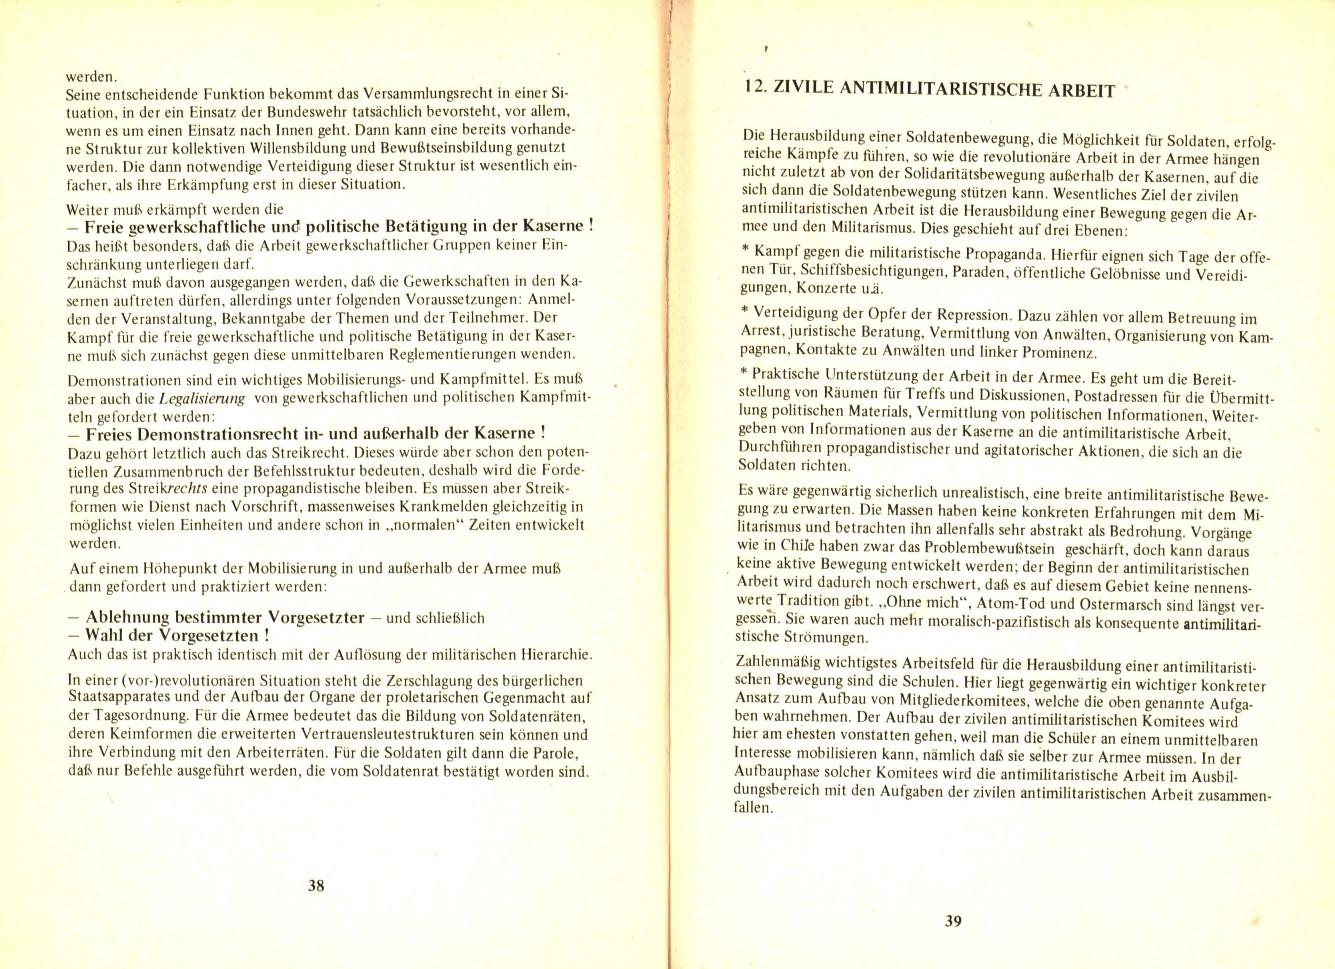 GIM_1976_Militaerpolitisches_Programm_21